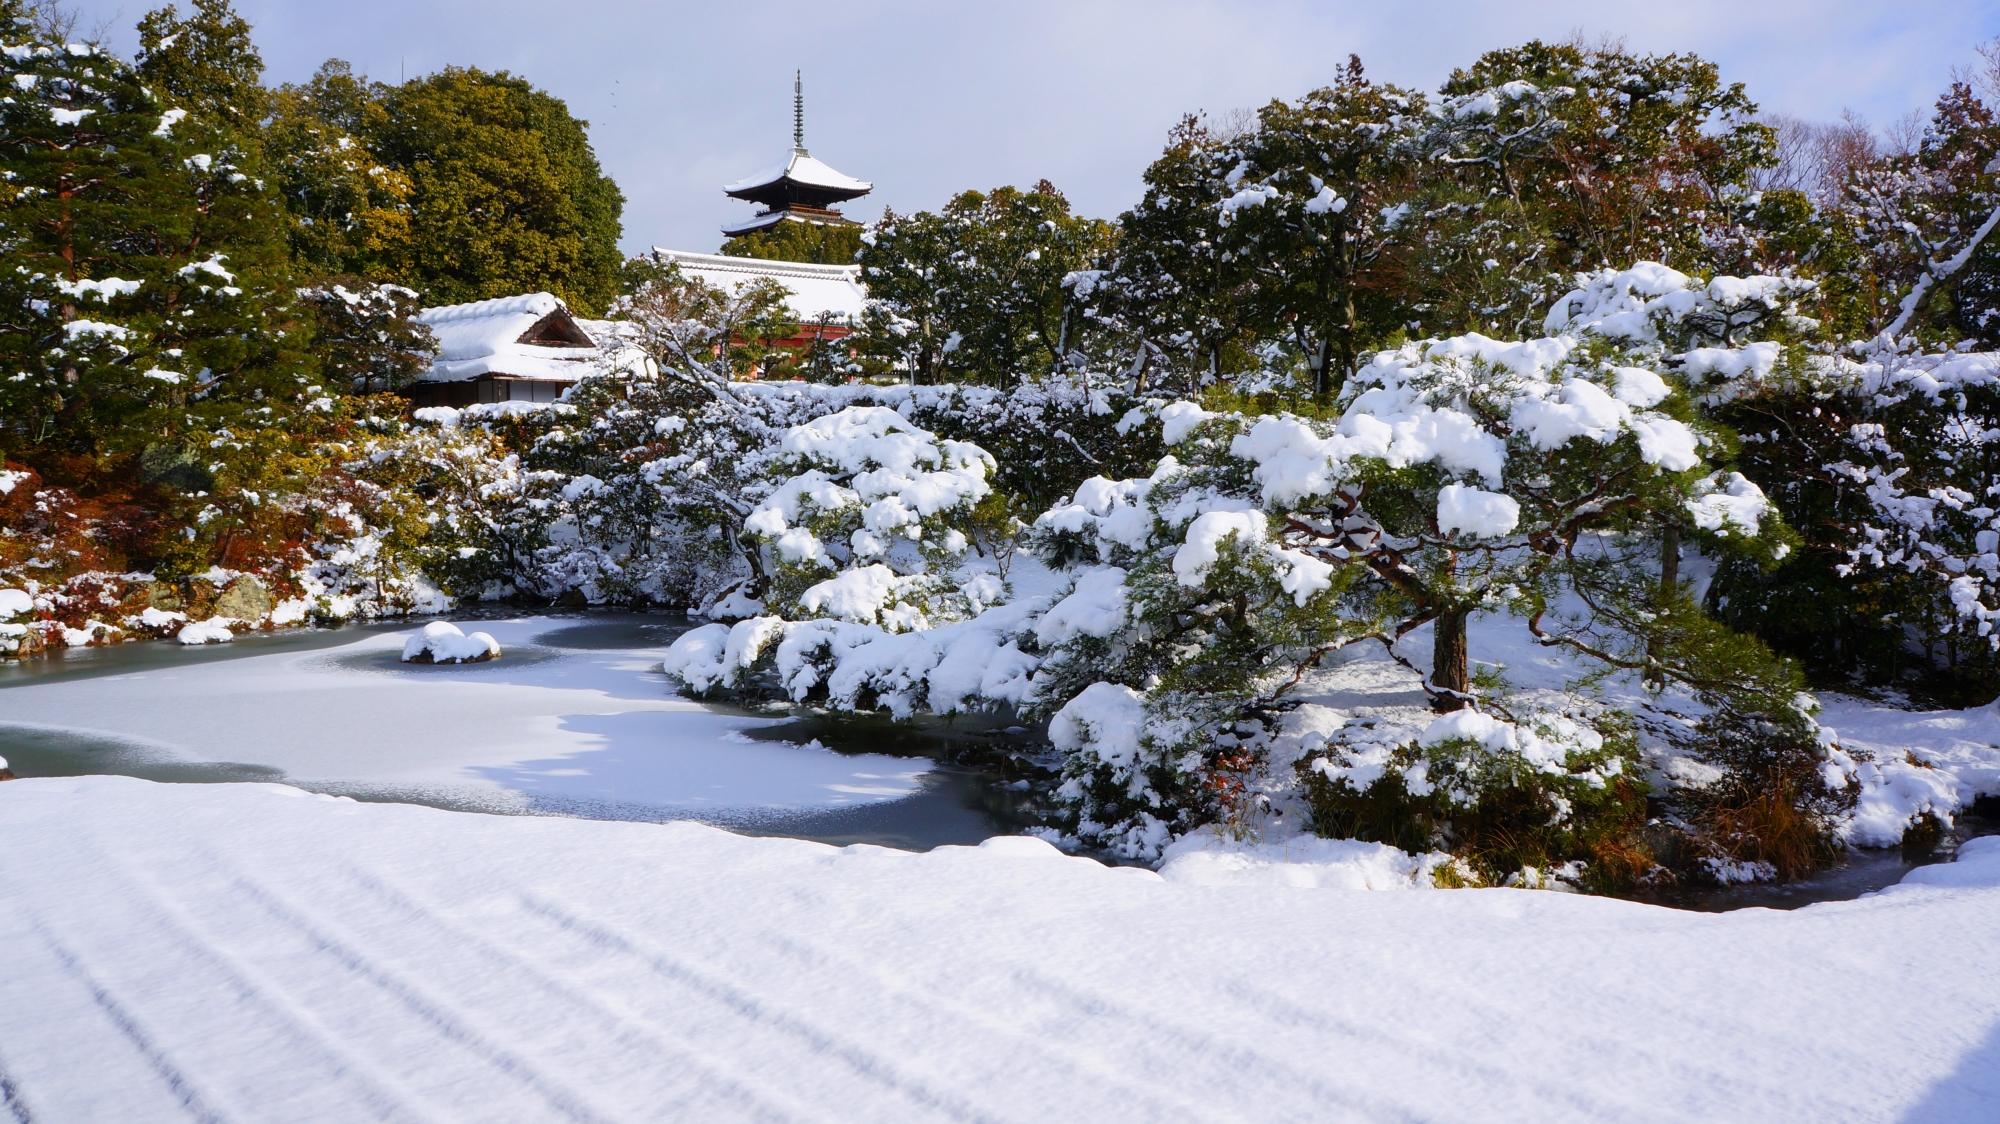 仁和寺の御殿北庭と五重塔の雪景色